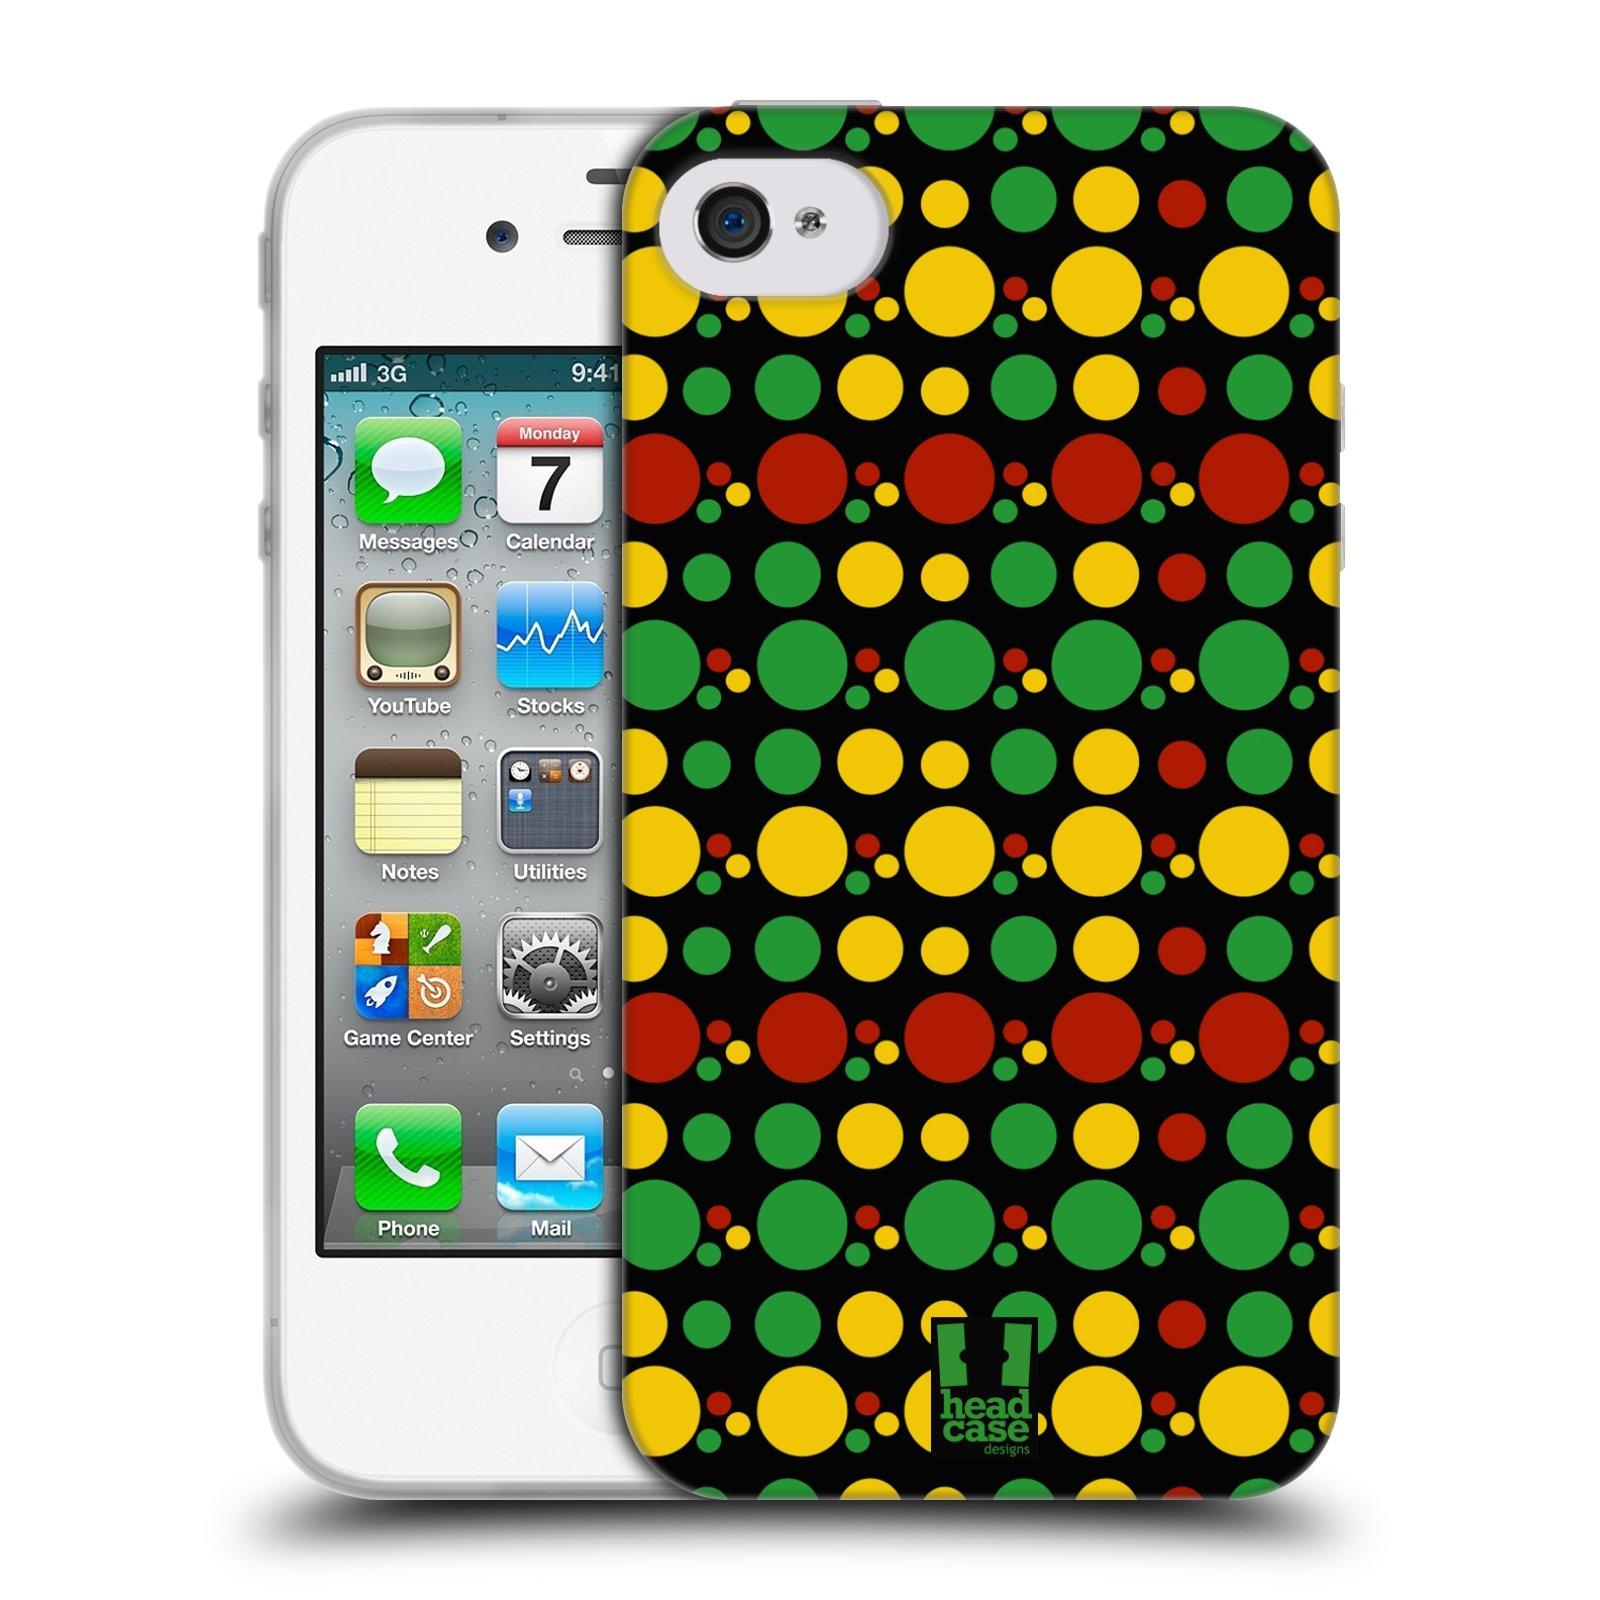 HEAD CASE silikonový obal na mobil Apple Iphone 4/4S vzor Rasta barevné vzory KRUHY